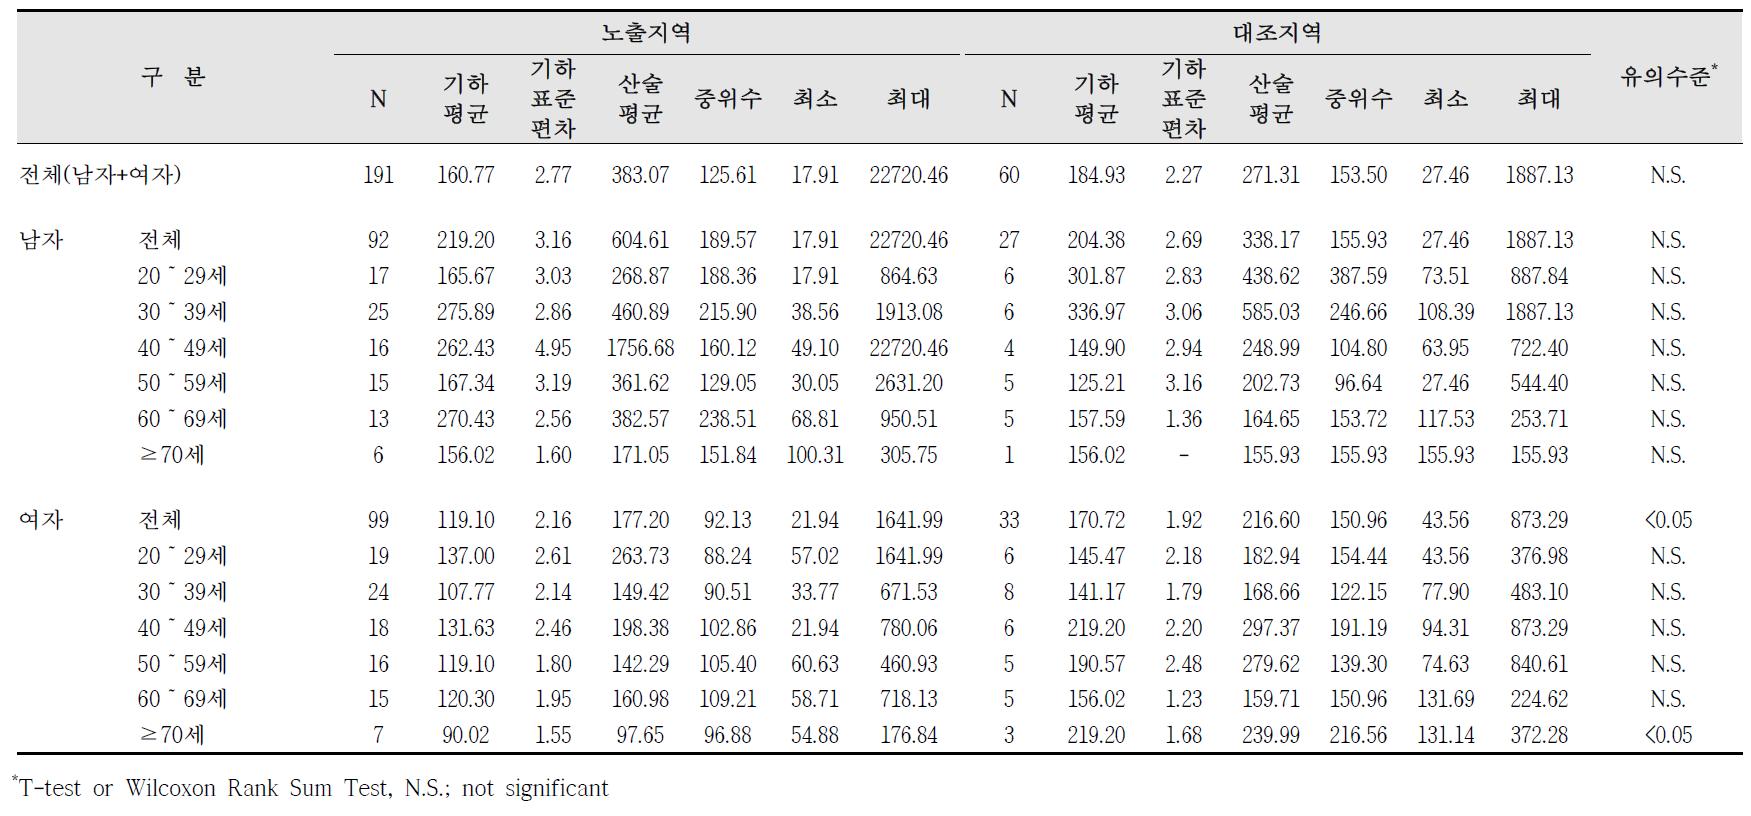 청주산업단지 요중 m-MHA 농도 비교